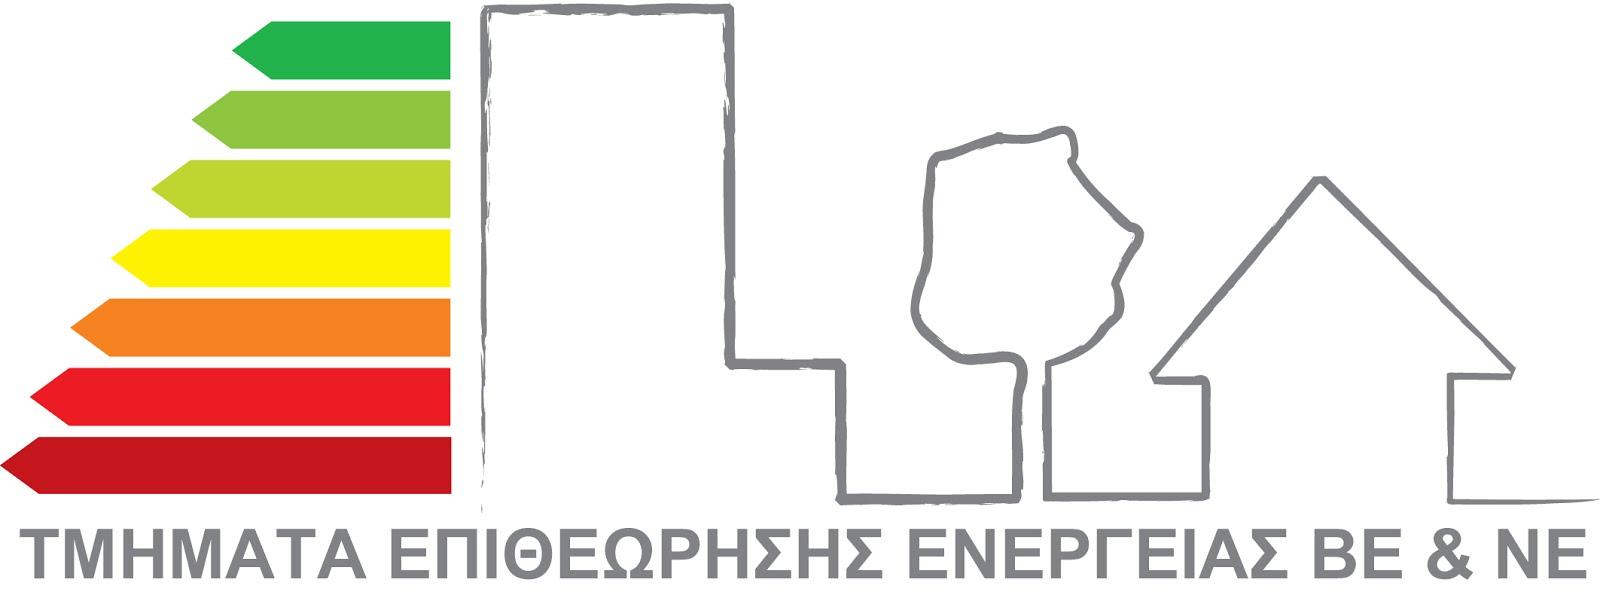 Το Τεχνικό Γραφείο Νικολάου-Καλπαξή διαθέτει πτυχίο Ενεργειακού Επιθεωρητή.